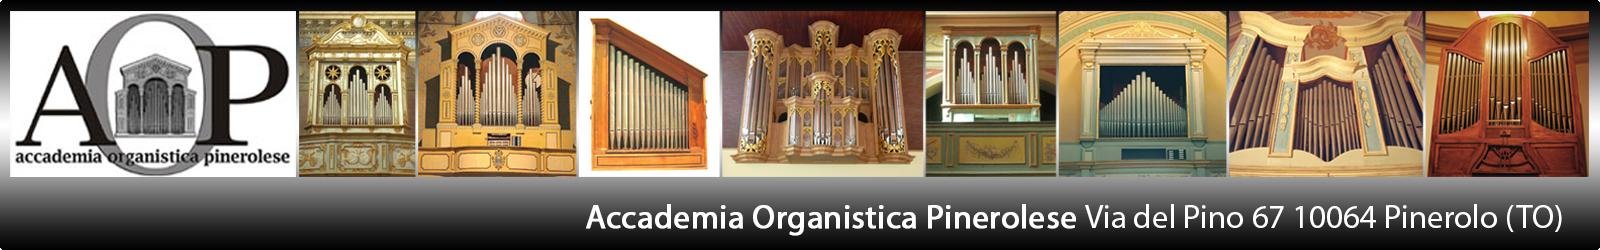 Briançon. Concerto dell'Accademia Organistica Pinerolese per il restauro dell'organo